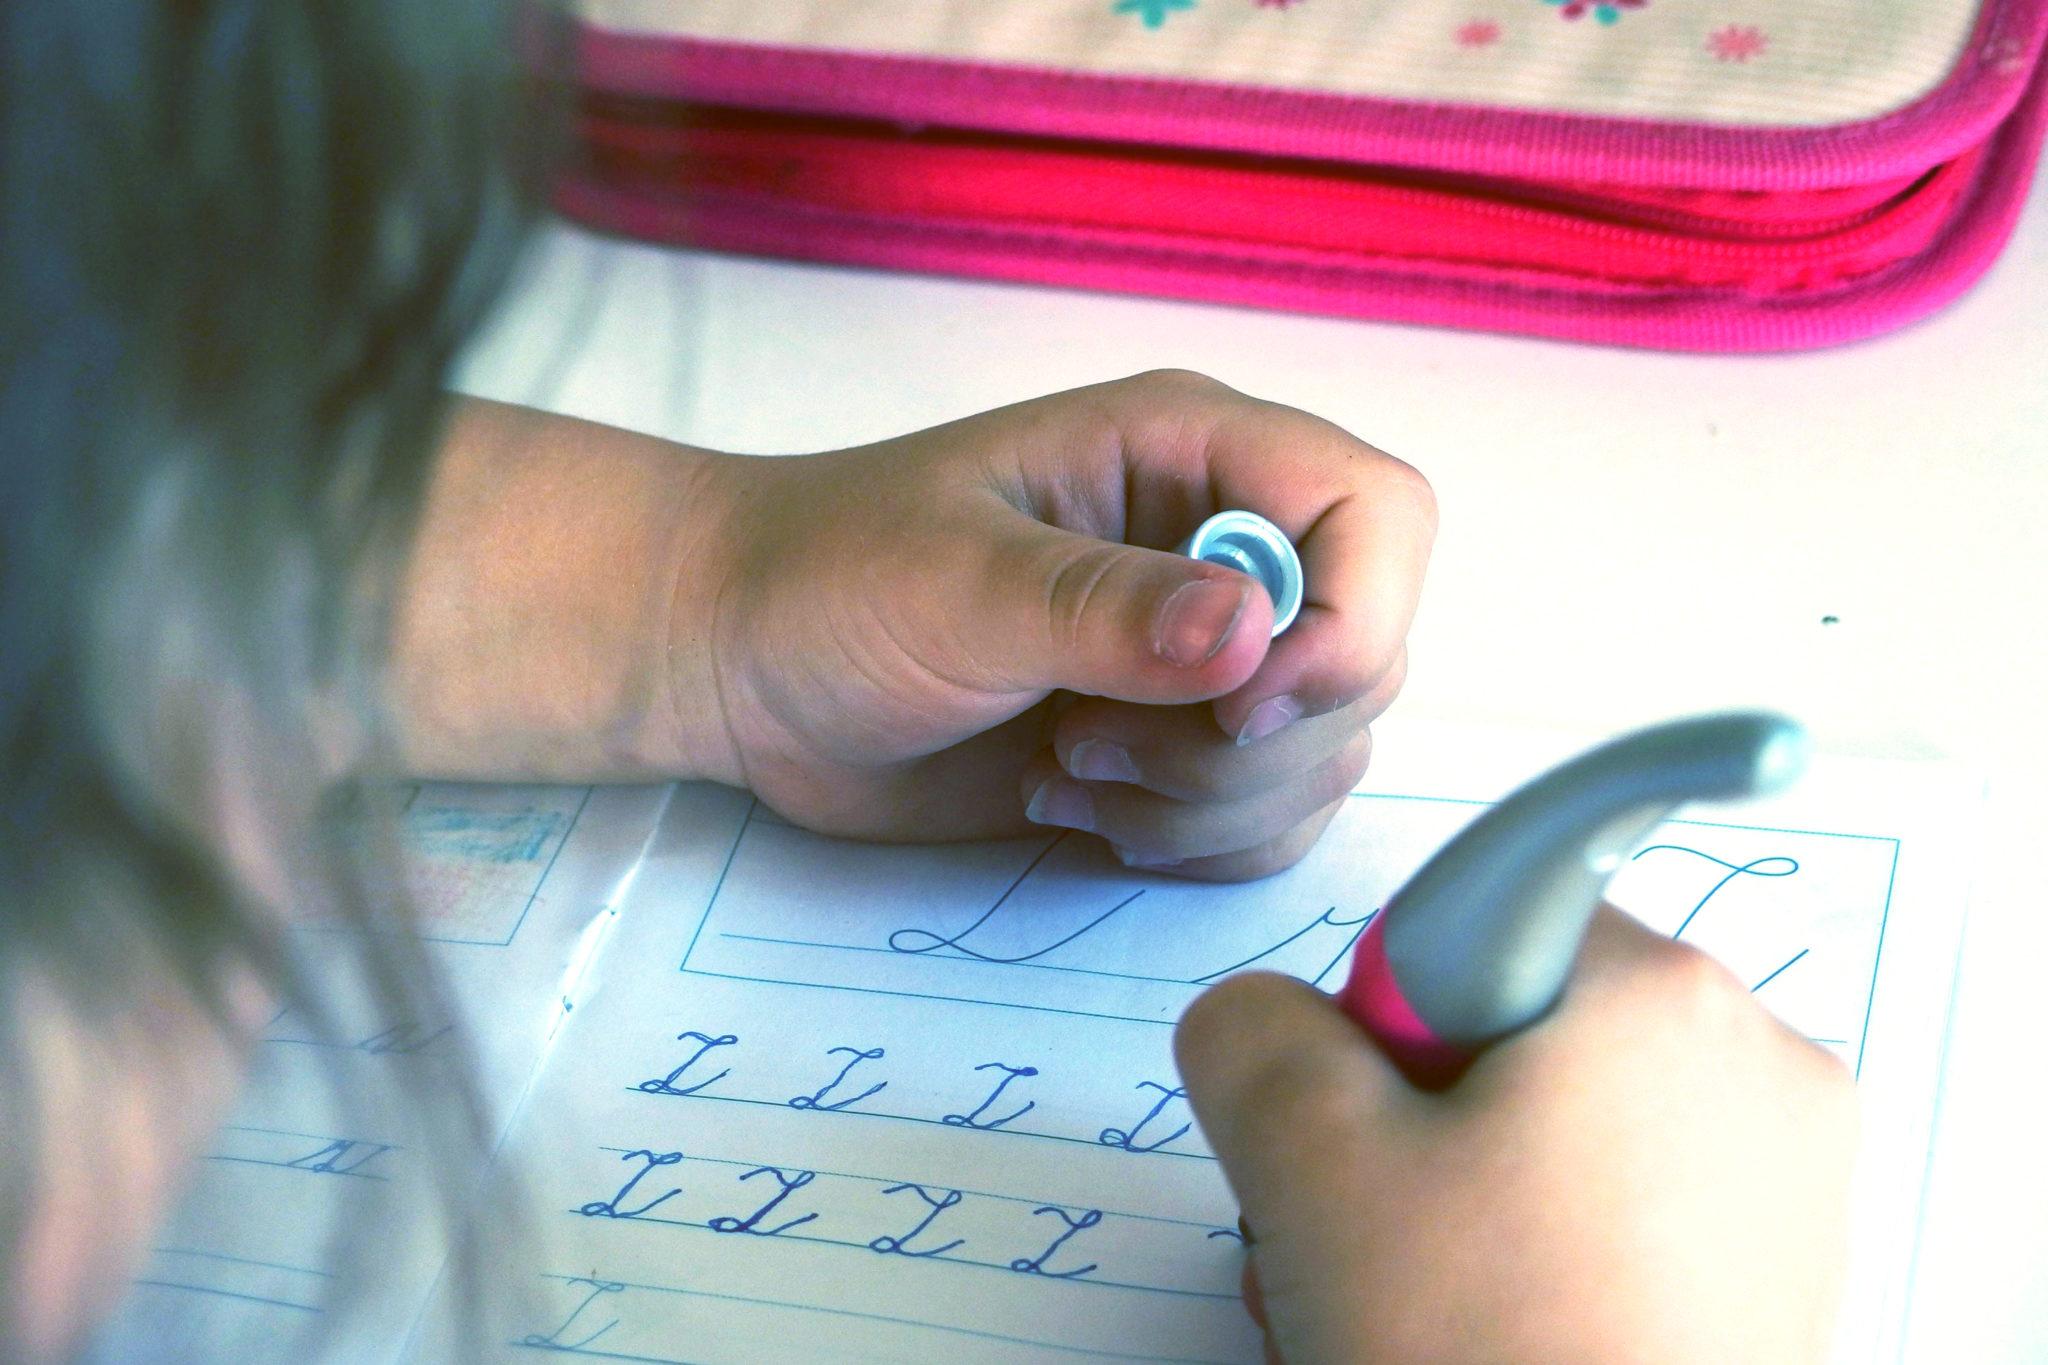 為讓孩子認真學習,家長會要求醫生處方ADHD藥物